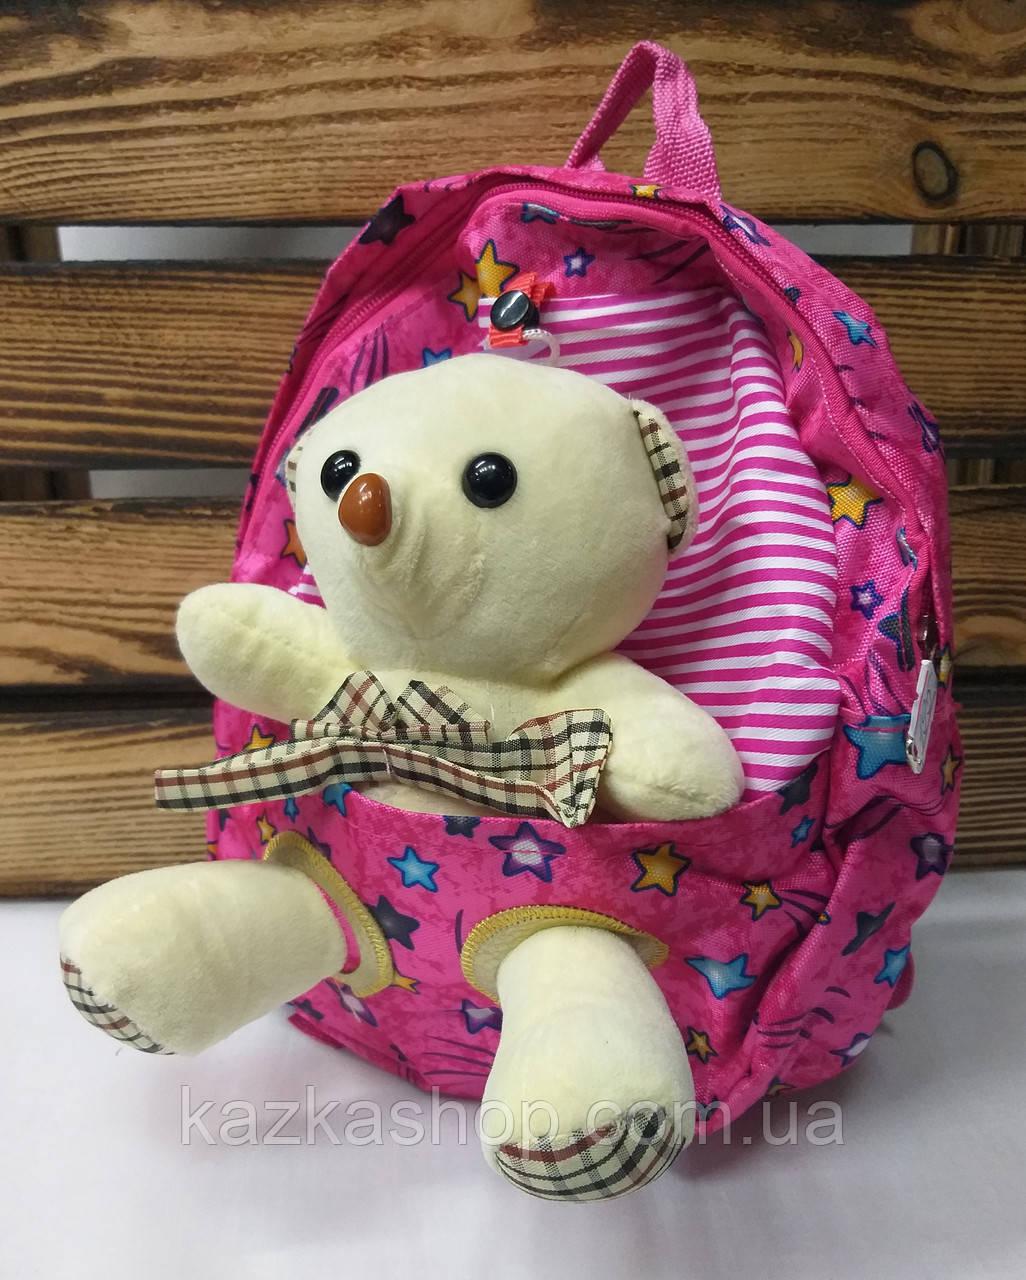 """Детский тканевой рюкзак розового цвета, со съемной игрушкой """"Мишка"""" песочного цвета, регулируемые лямки"""